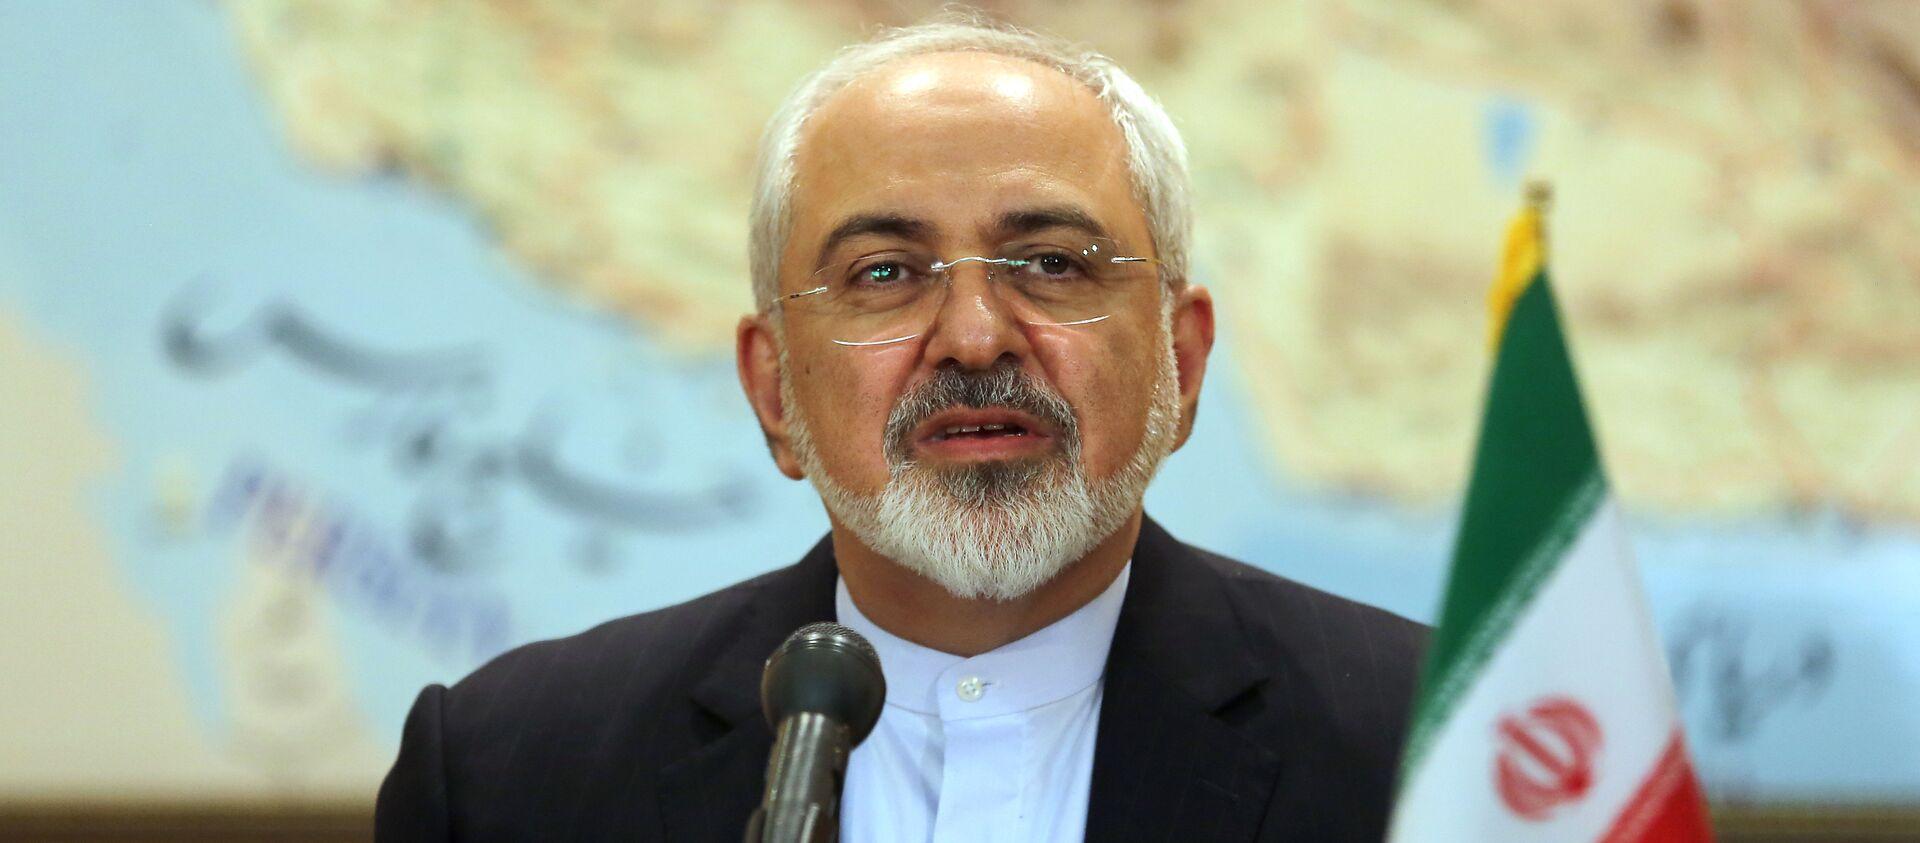 Le ministre iranien des affaires étrangères Mohammad Javad Zarif  - Sputnik France, 1920, 16.02.2021